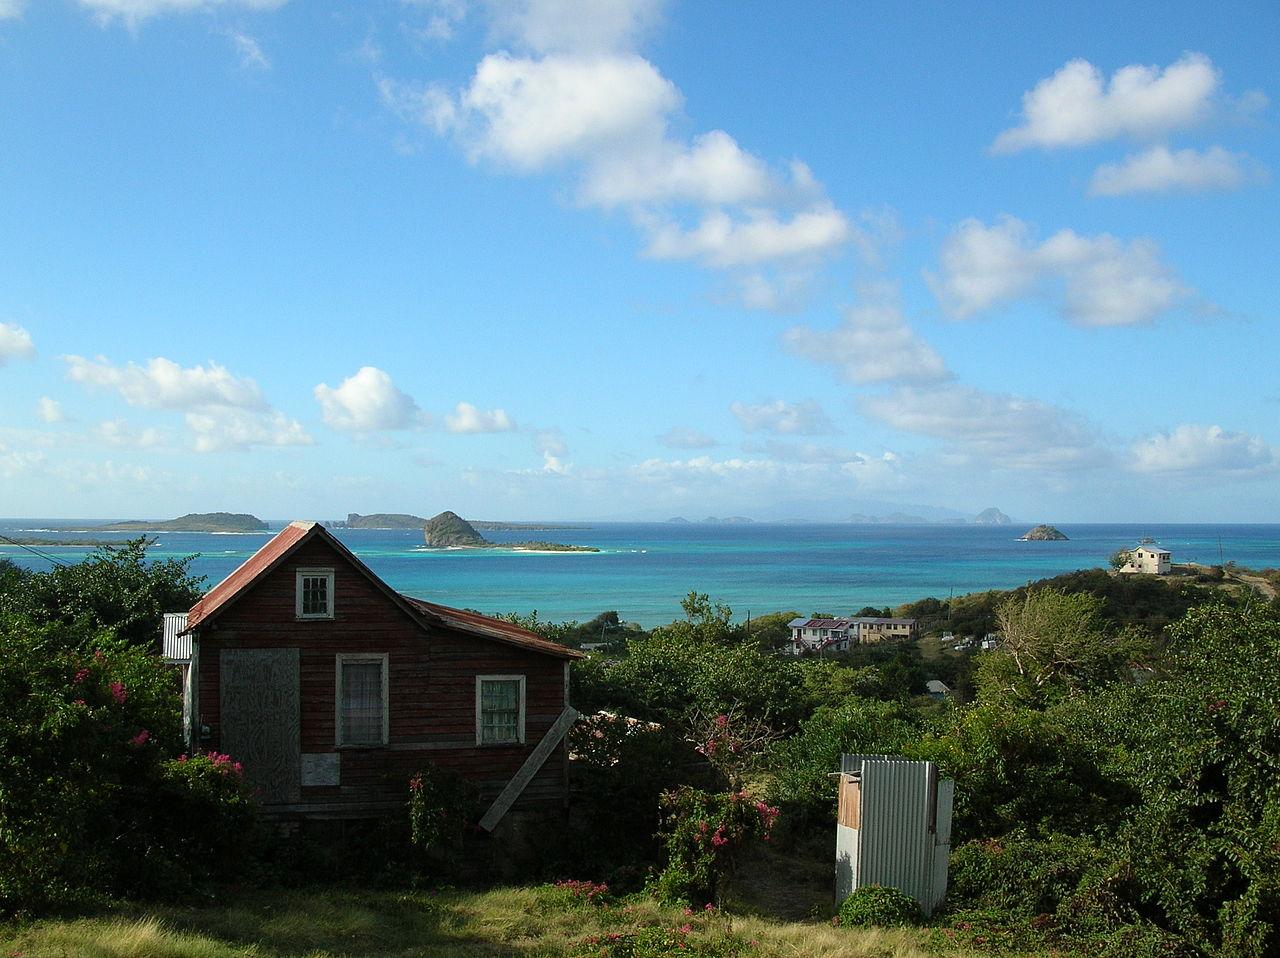 Pemandangan Carriacou, dengan pulau-pulau Grenadine lainnya terlihat di kejauhan